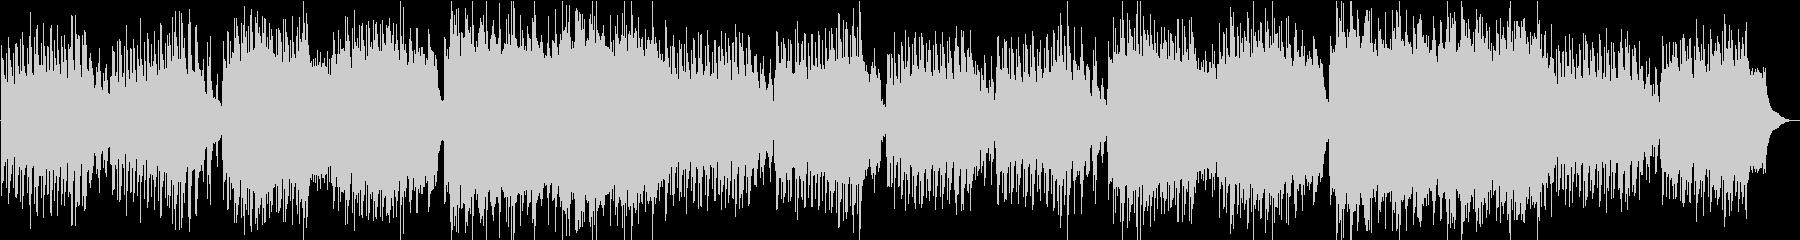 ユーモレスク オルゴールオーケストラの未再生の波形